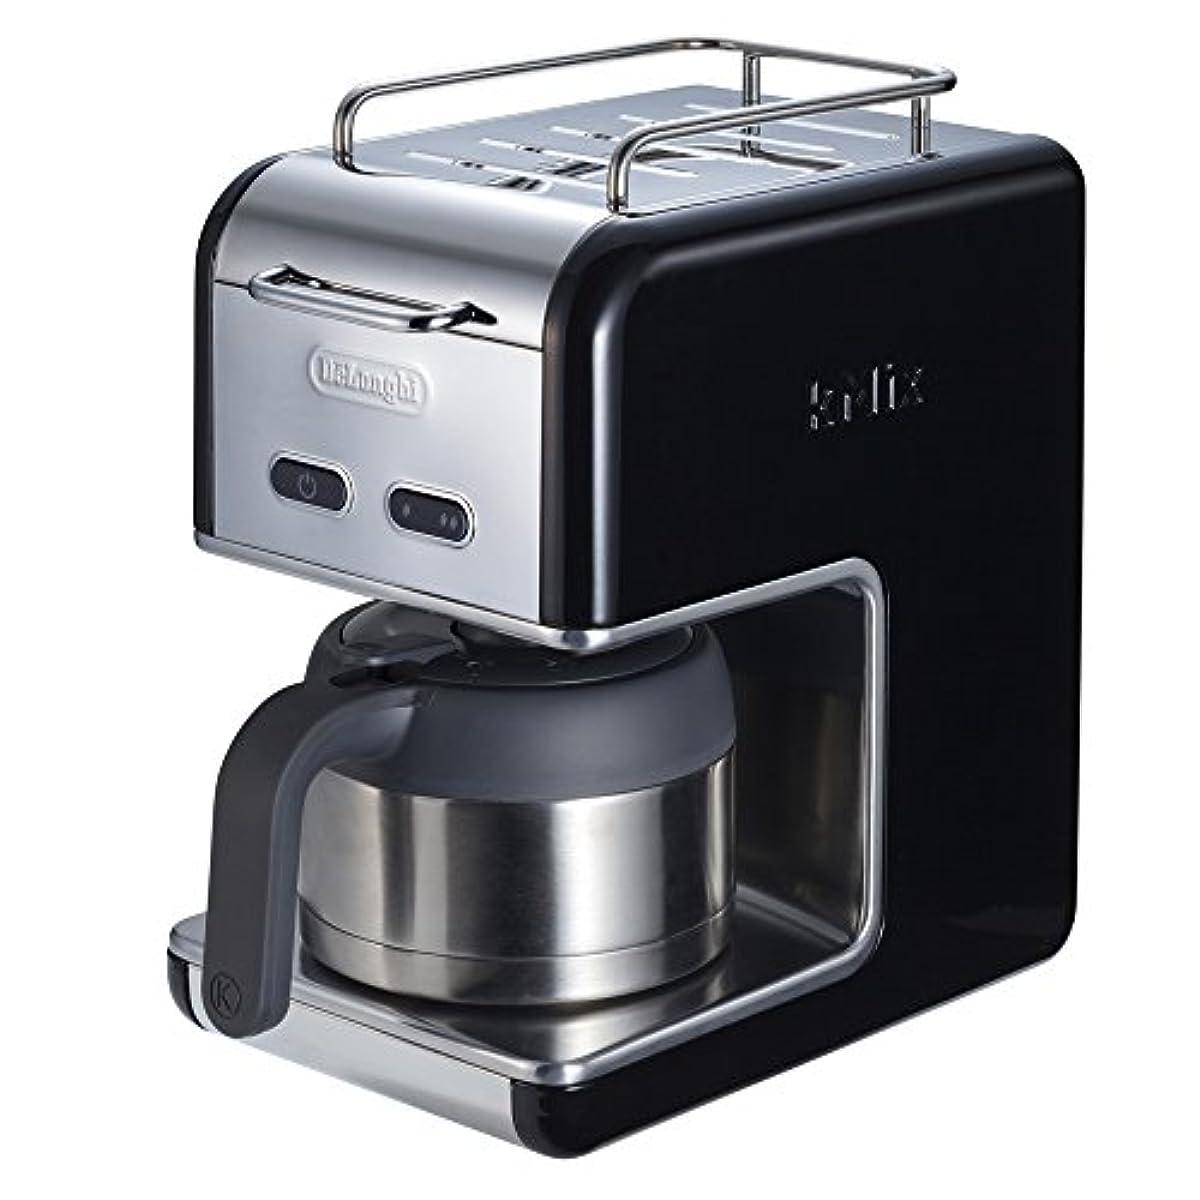 [해외] 드롱기(De'Longhi) KMIX COLLECTION drip 커피 메이커 프리미엄 블랙 CMB5T-BK CMB5T-BK